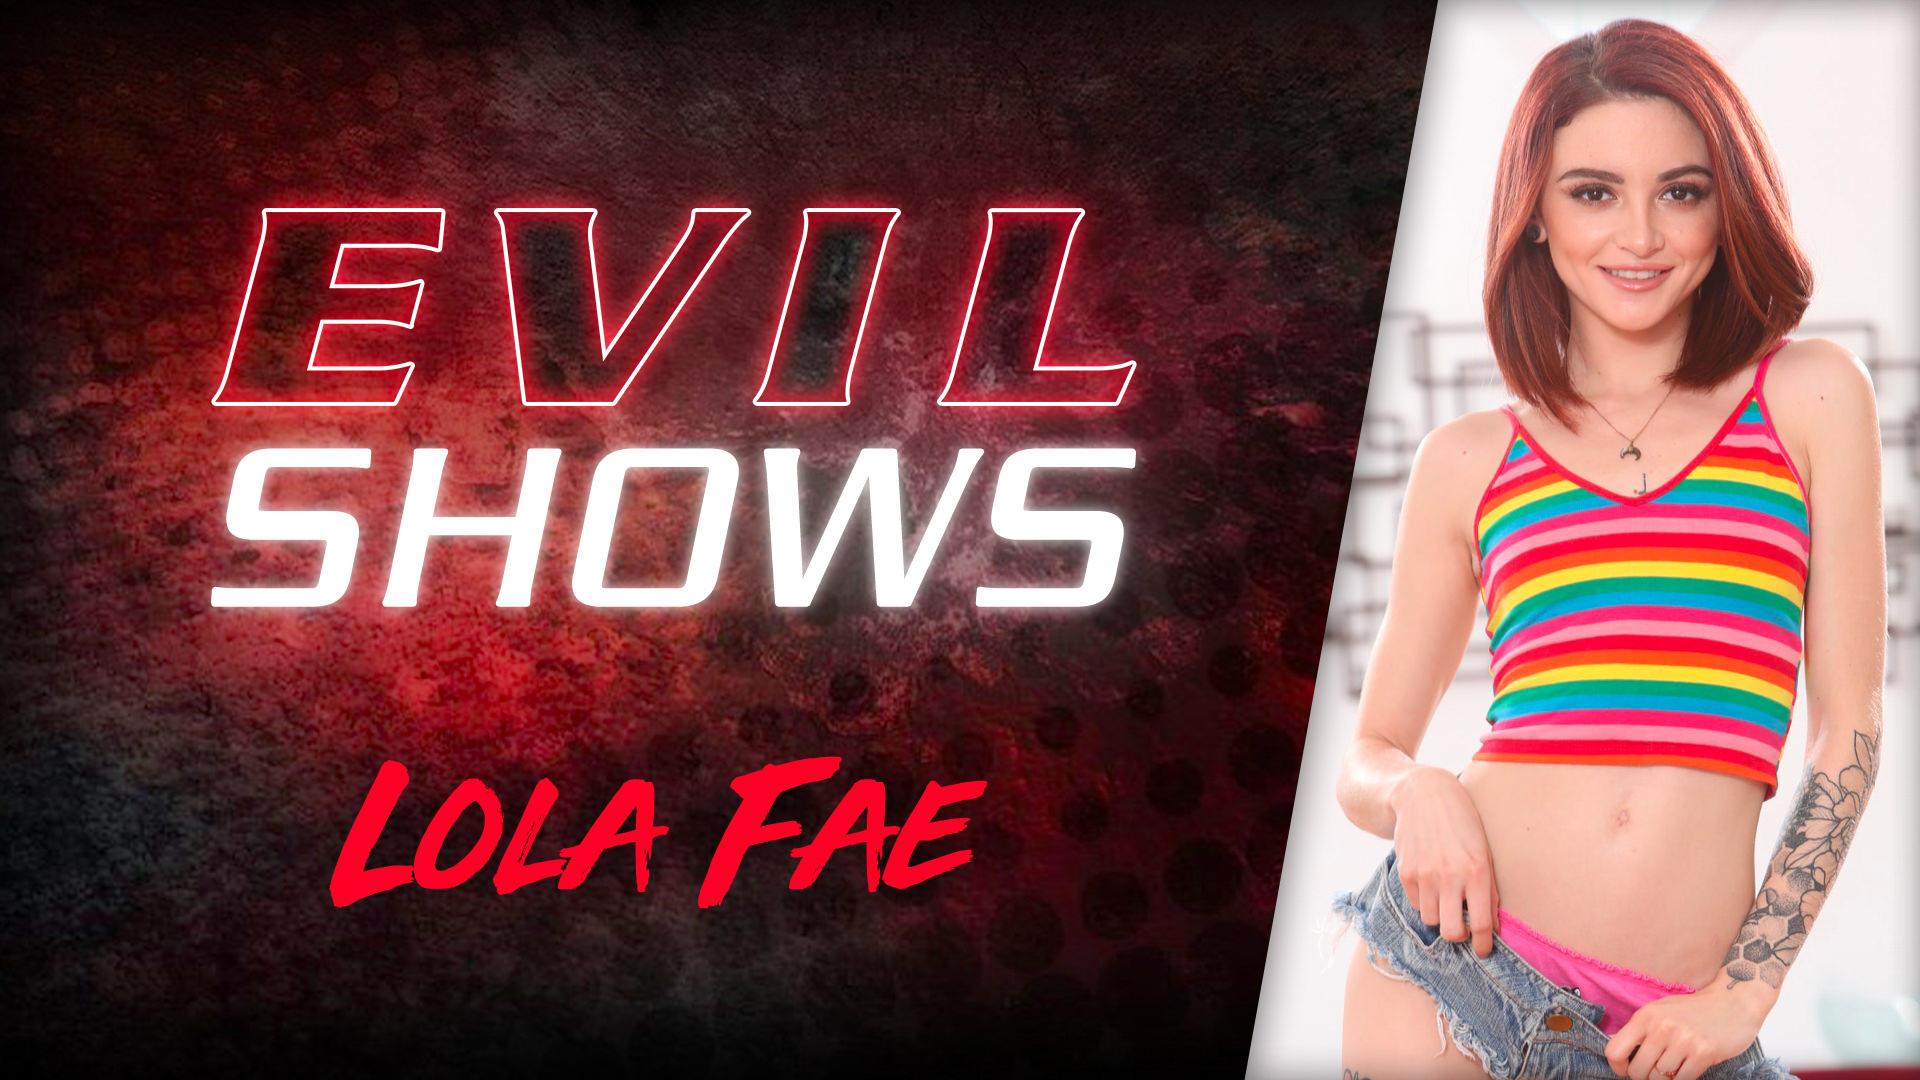 Evil Shows - Lola Fae Scena 1